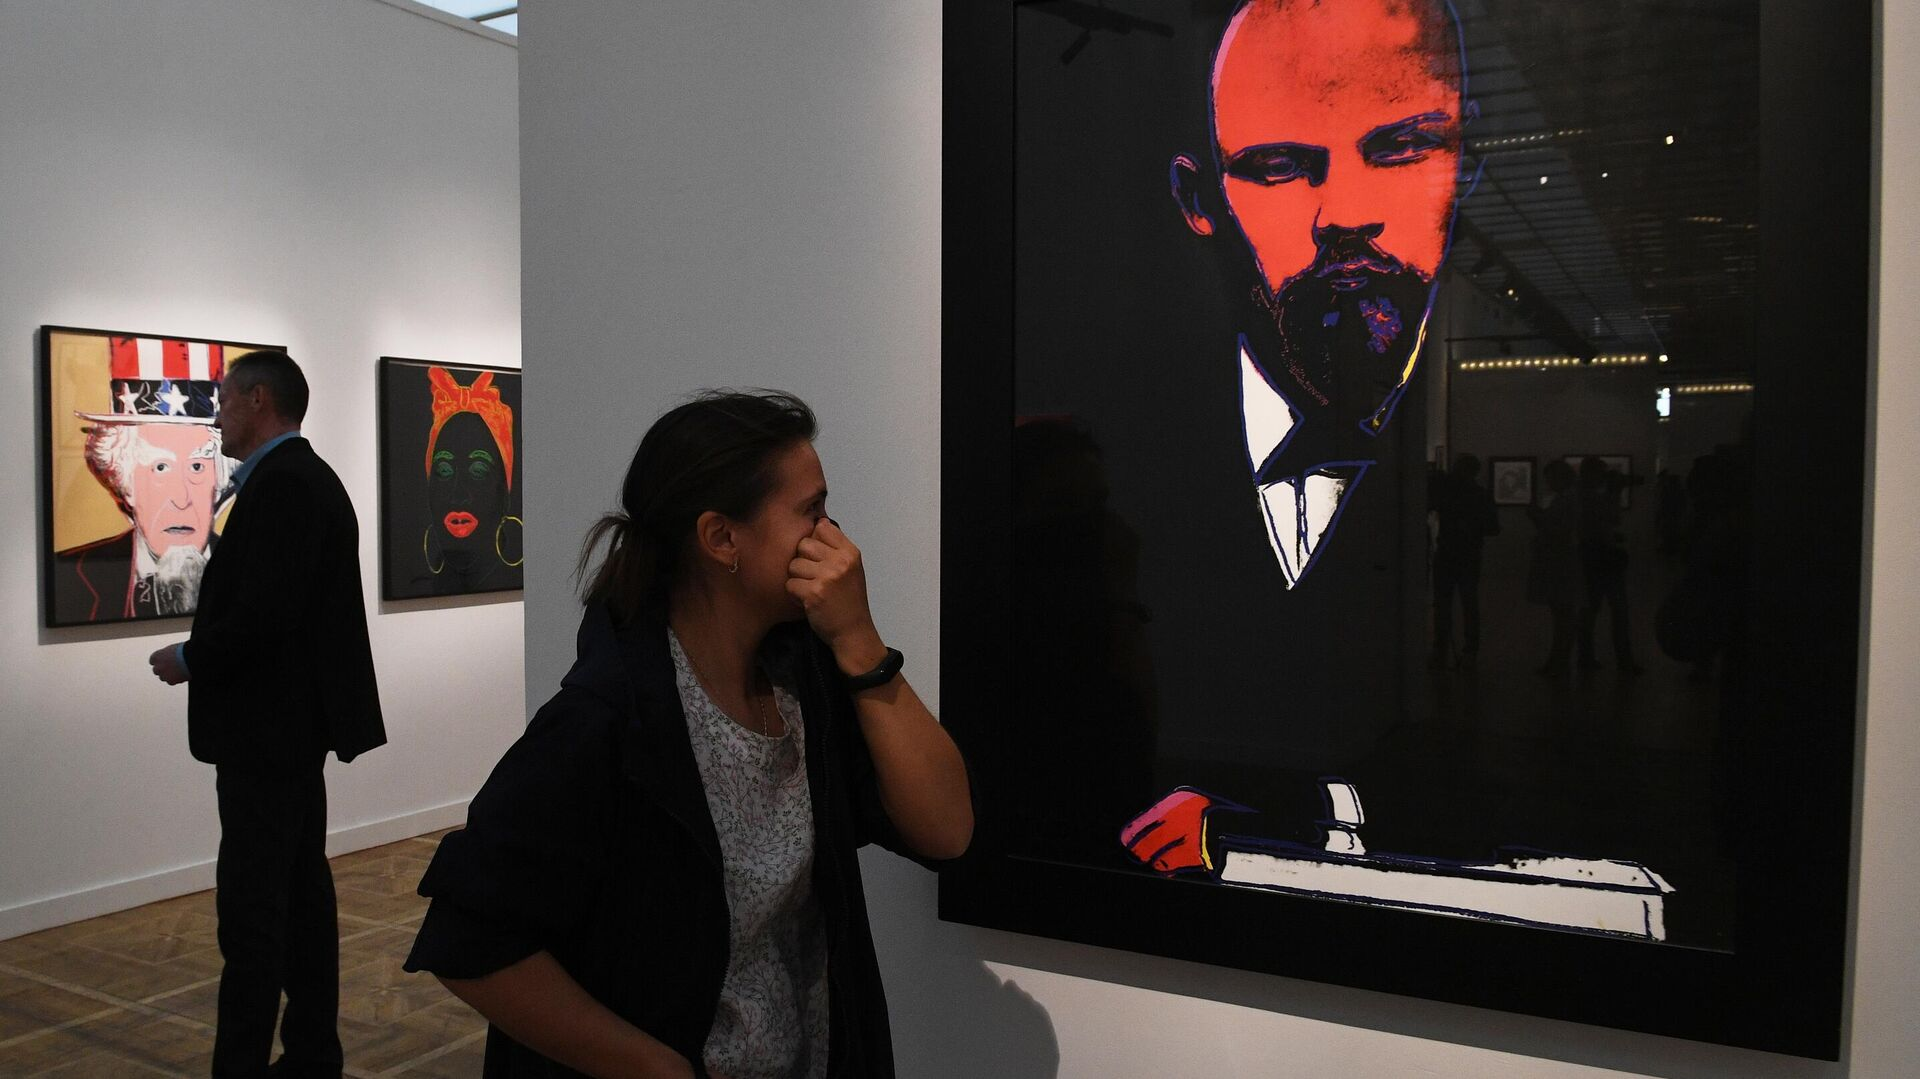 1577733317 0:216:2873:1832 1920x0 80 0 0 cfd705352c63e98845fff949c8f915a5 - Более шести тысяч человек уже посетили выставку работ Уорхола в Москве